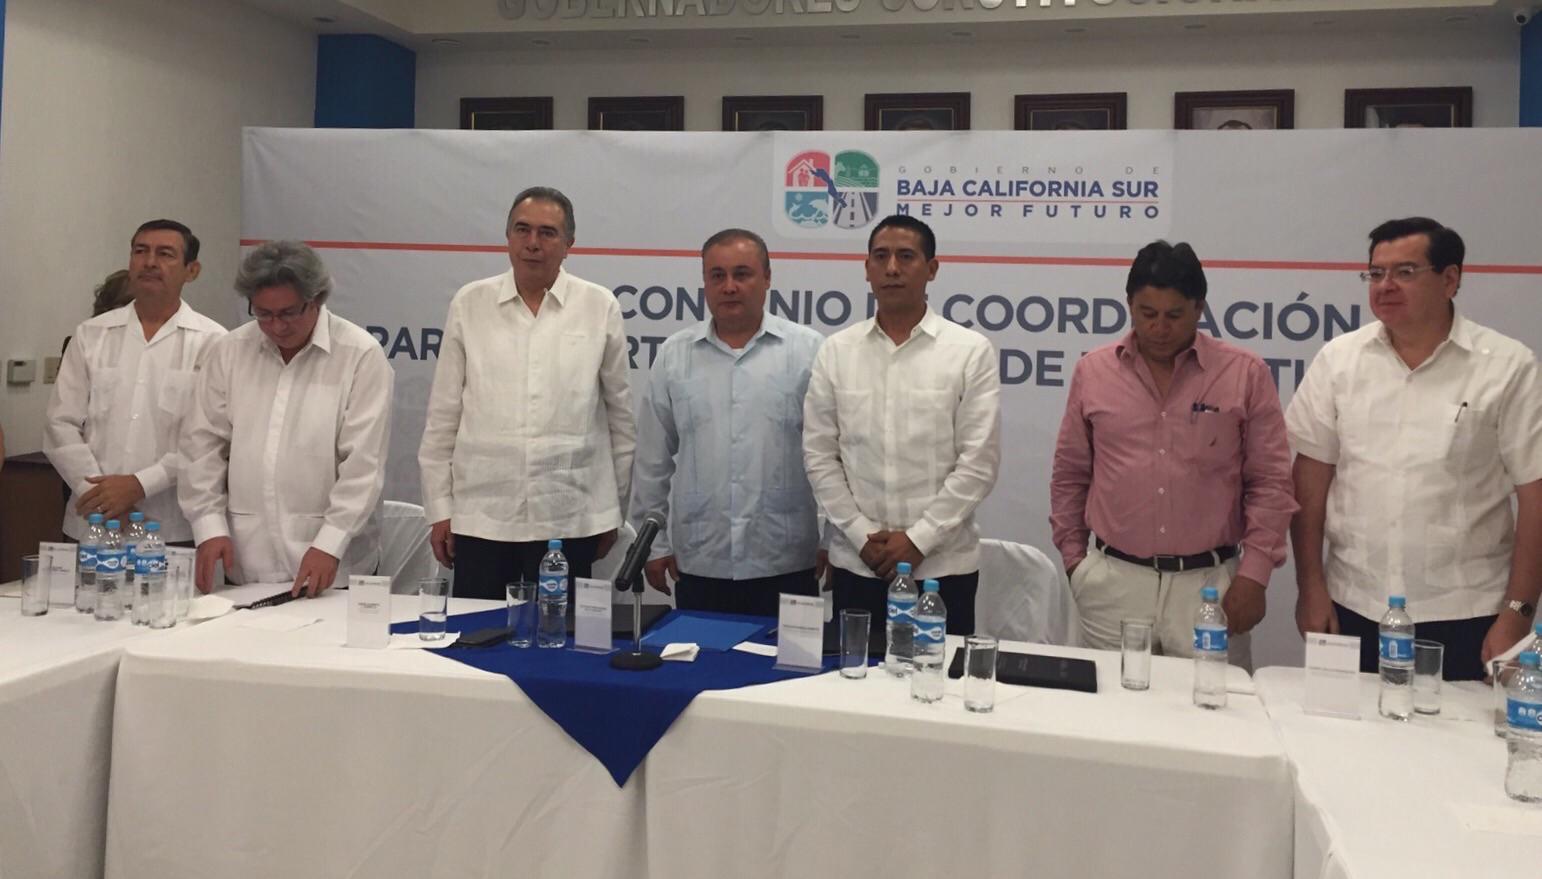 Suscriben JFCA y Junta Local de Baja California Sur Convenio de Coordinación